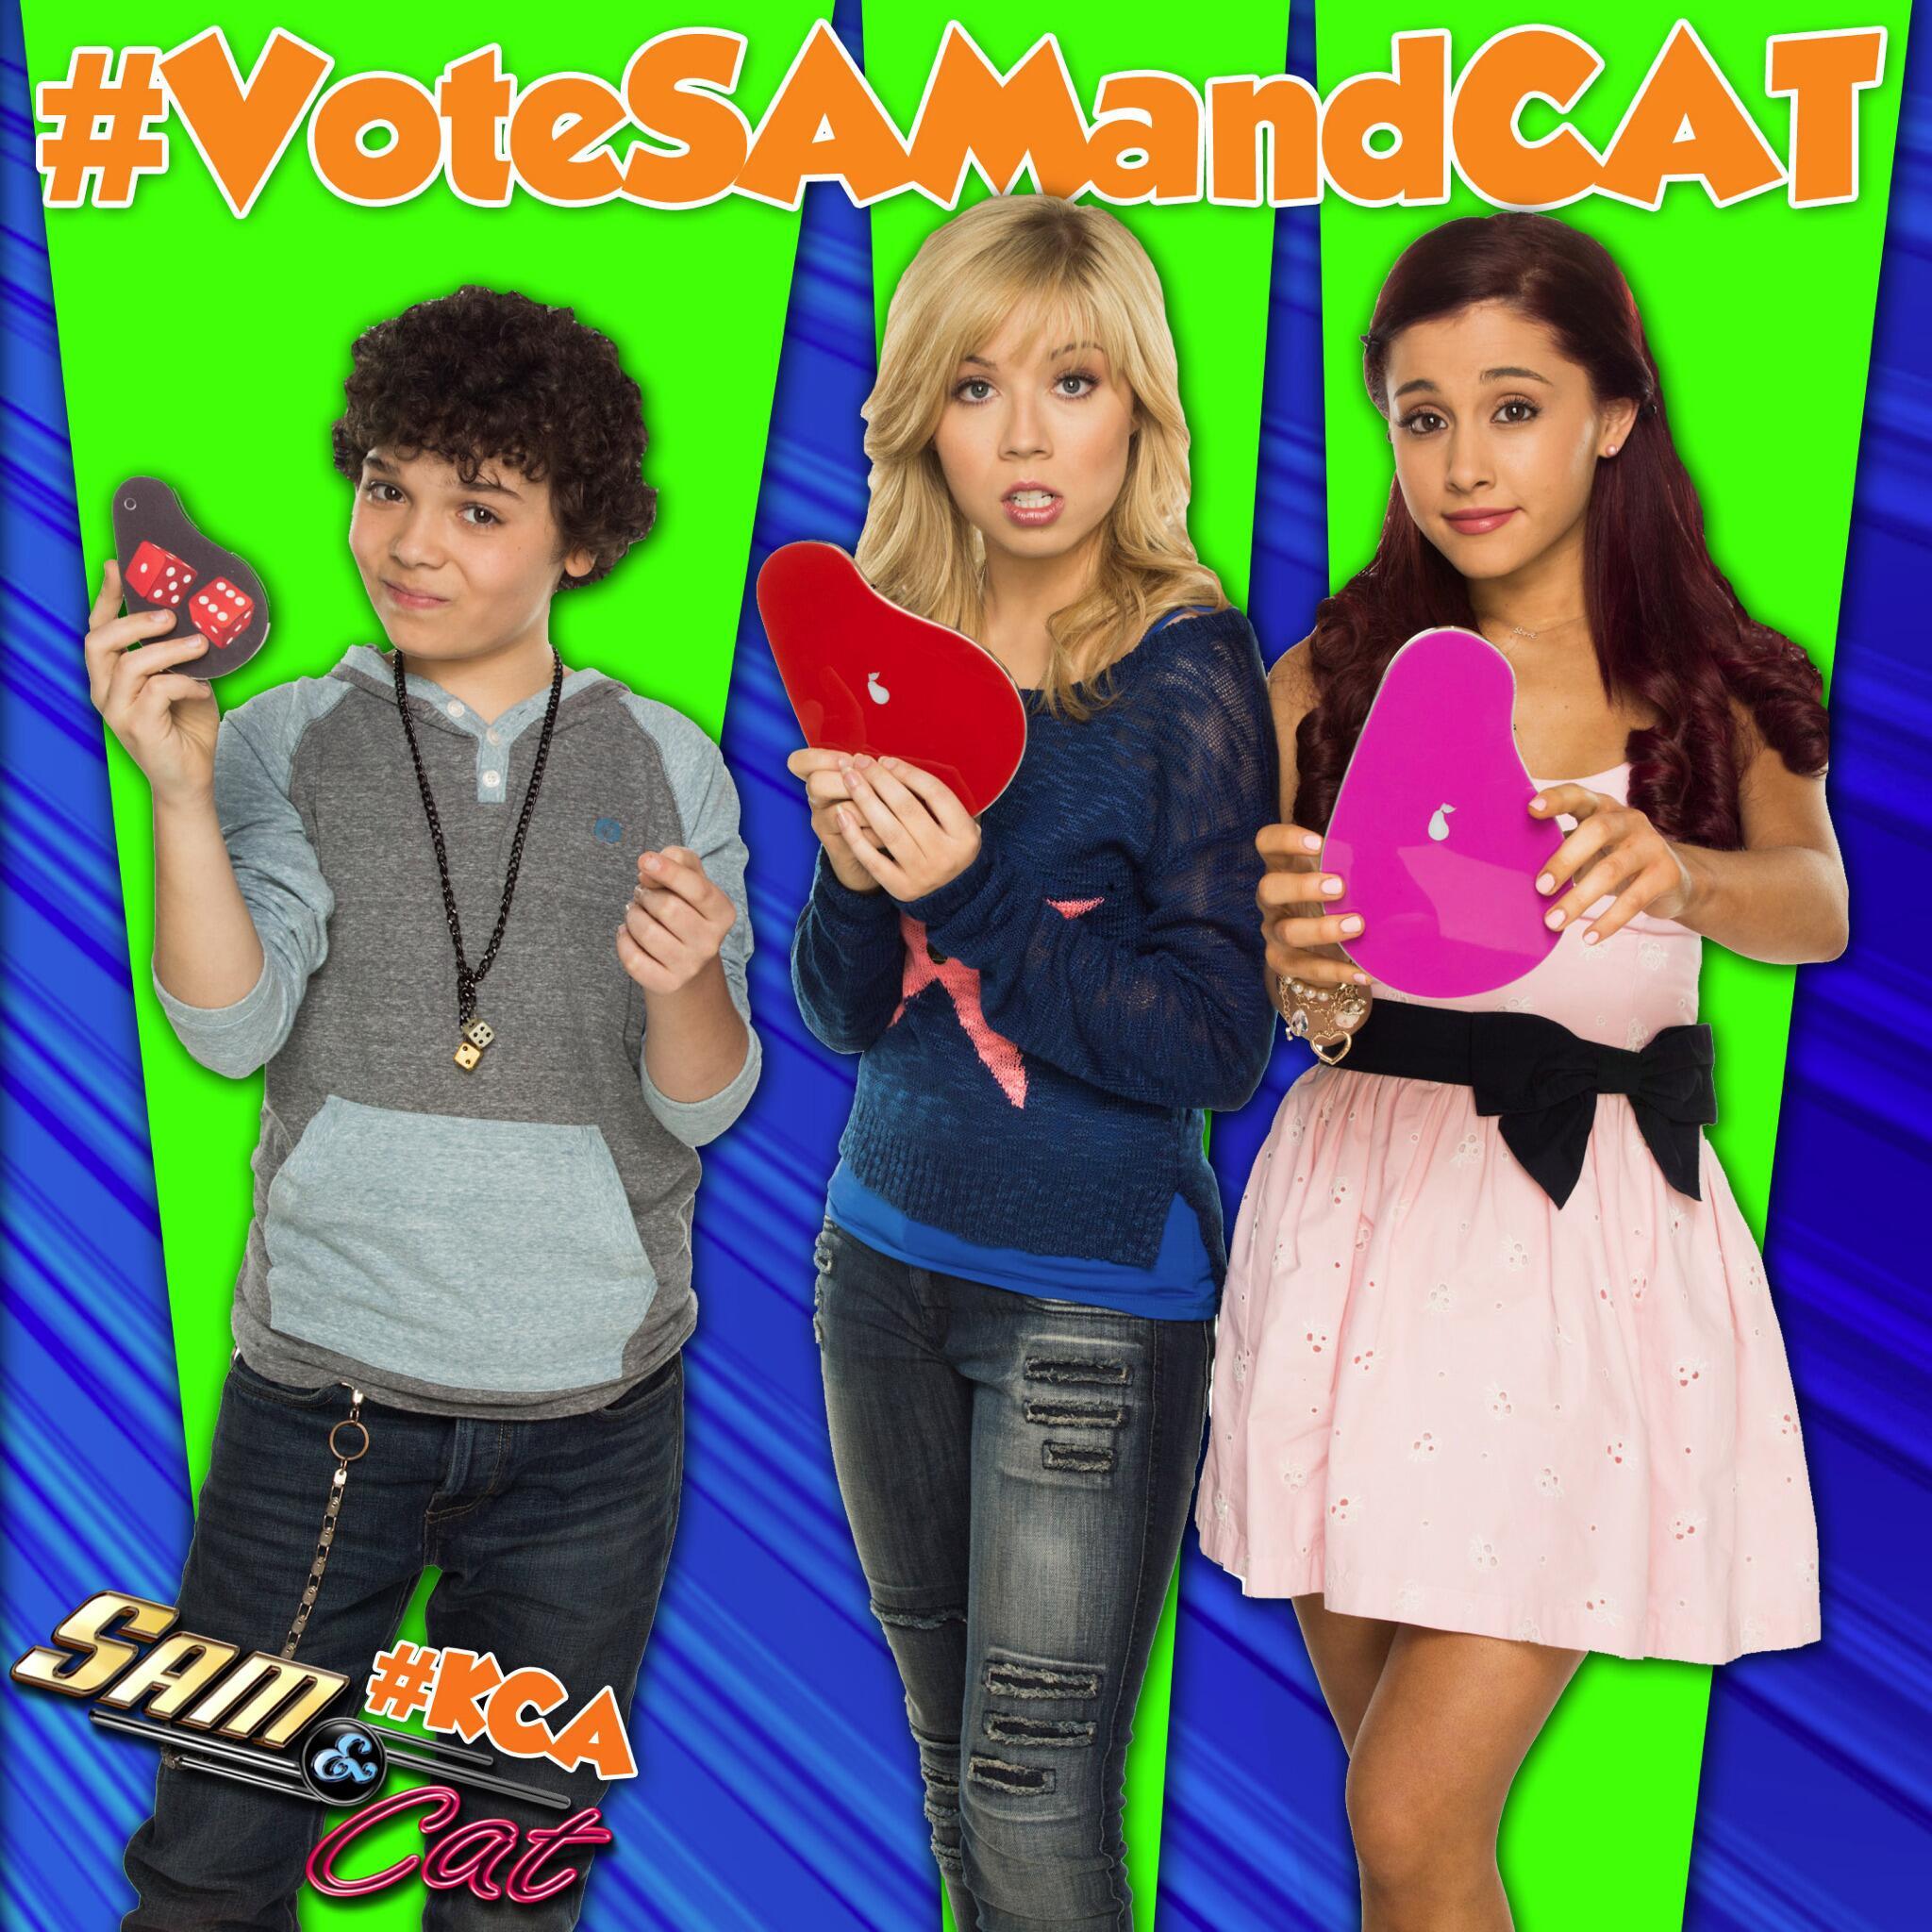 Sam and cat tv show